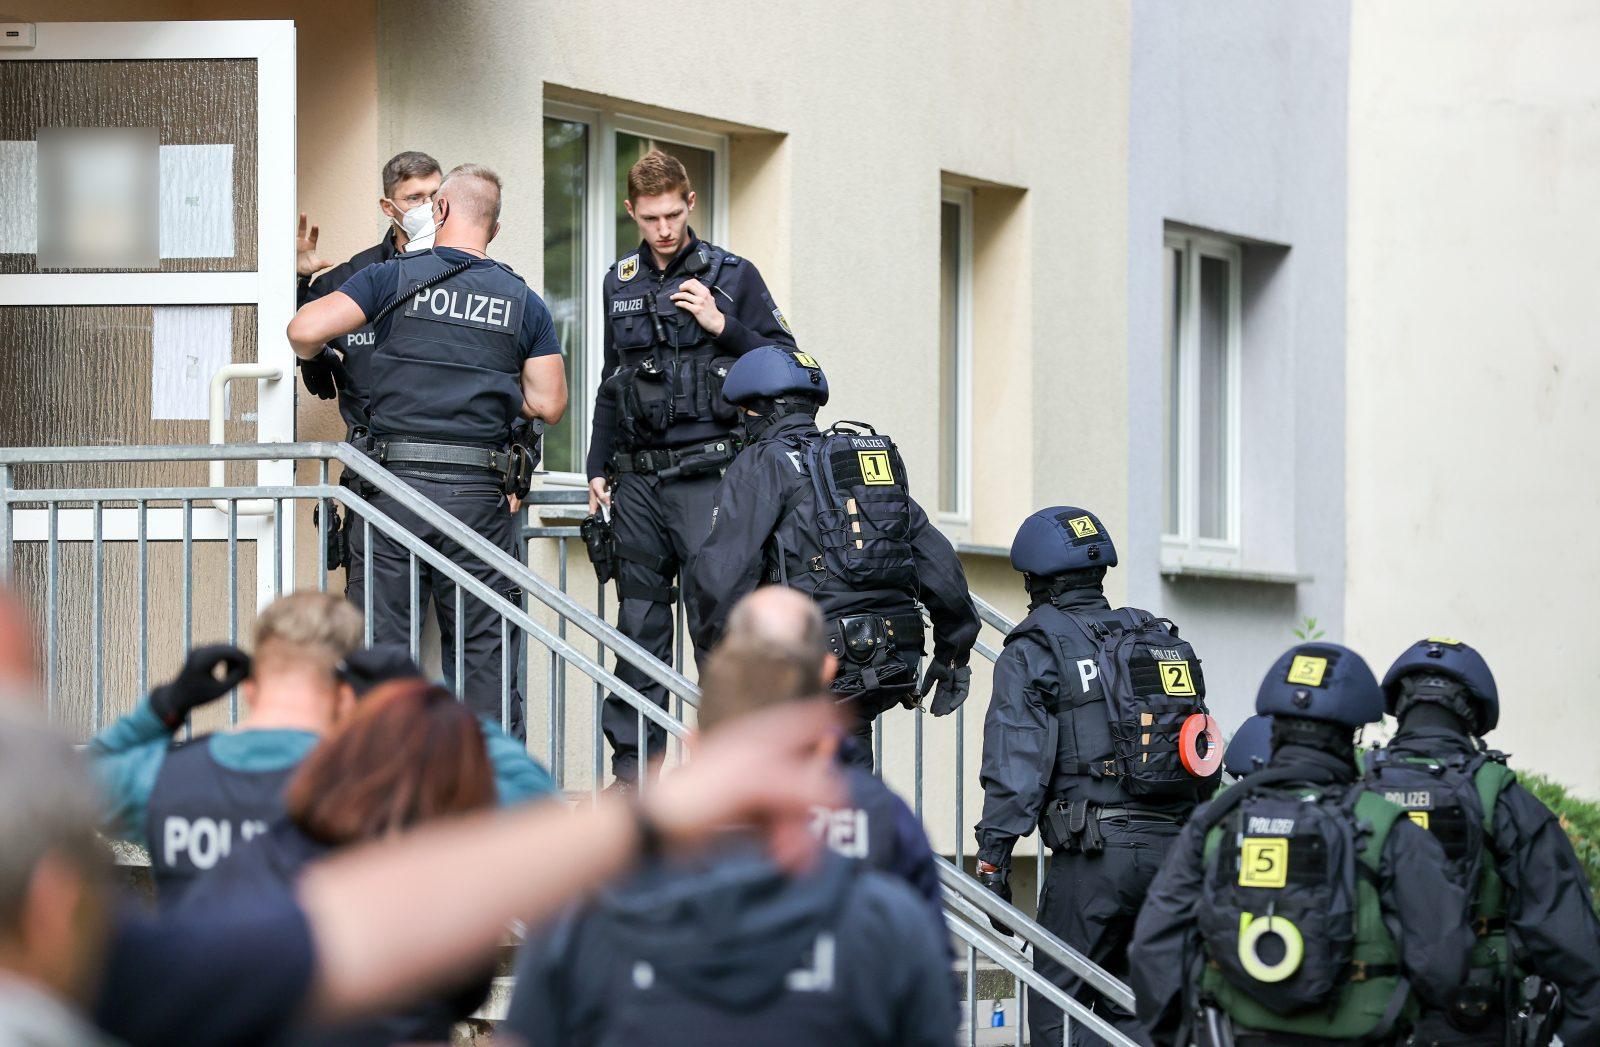 Polizisten durchsuchen während der Razzia ein Wohnhaus in Sachsen-Anhalt Foto: picture alliance/Jan Woitas/dpa-Zentralbild/dpa